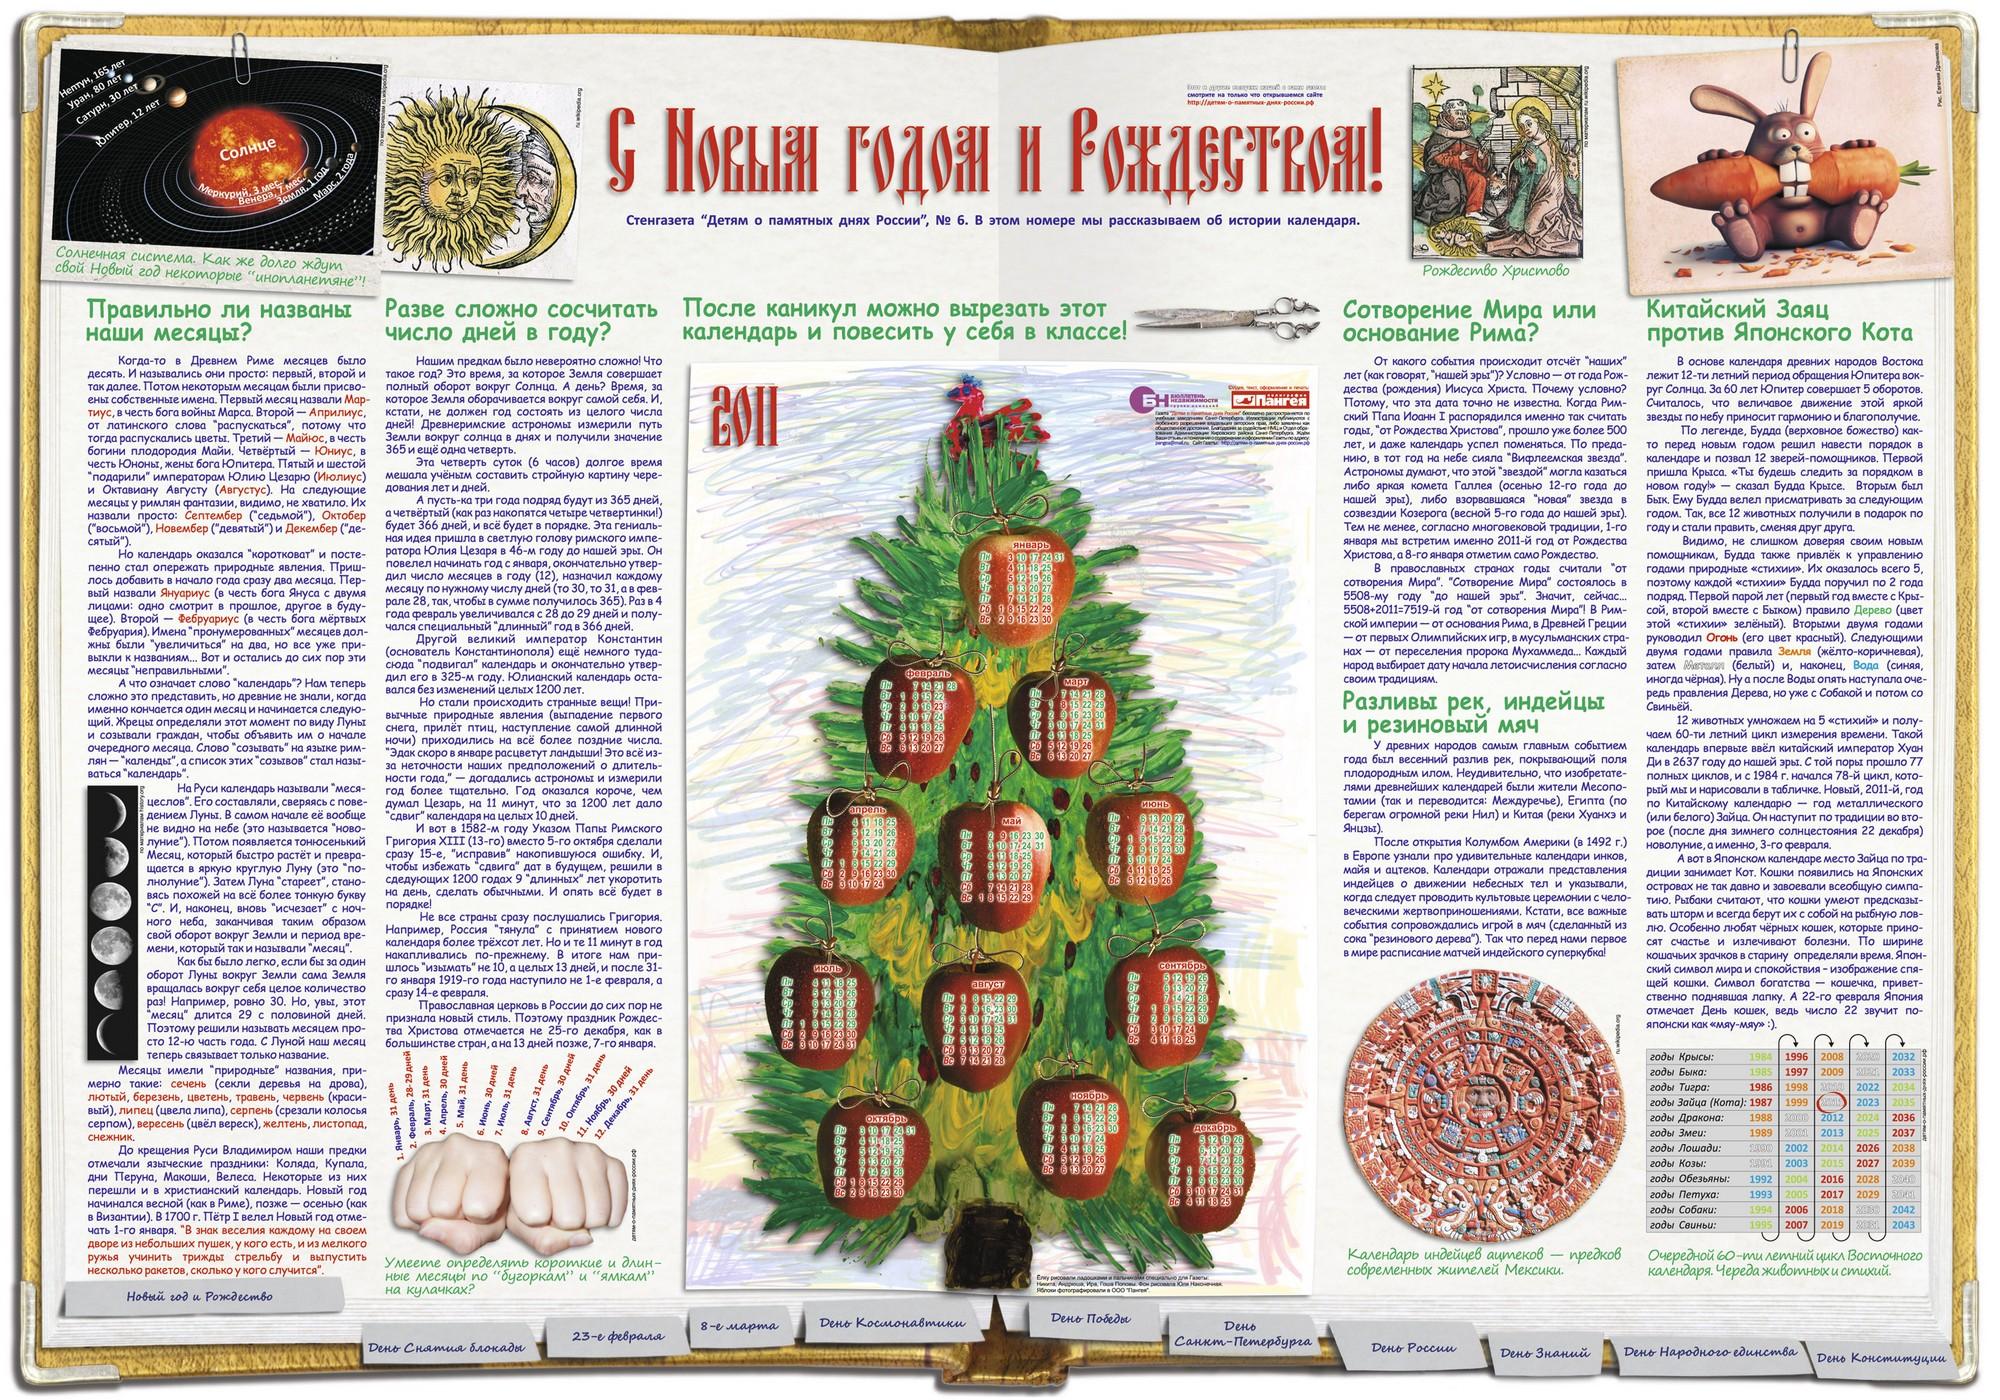 Стенгазета С Новым годом и Рождеством!